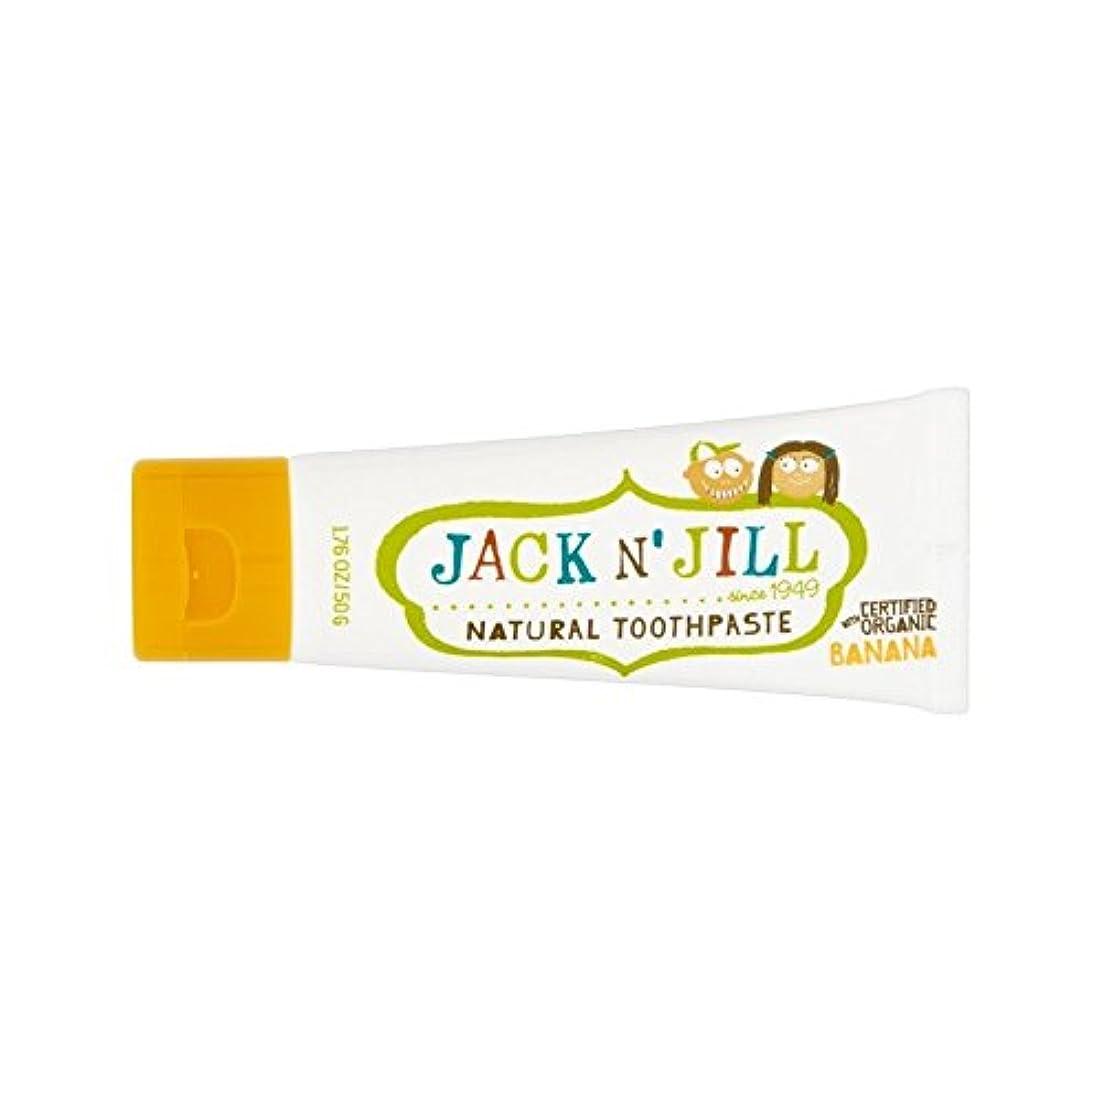 相続人数字後継有機香味50グラムと自然バナナ歯磨き粉 (Jack N Jill) (x 4) - Jack N' Jill Banana Toothpaste Natural with Organic Flavouring 50g (...